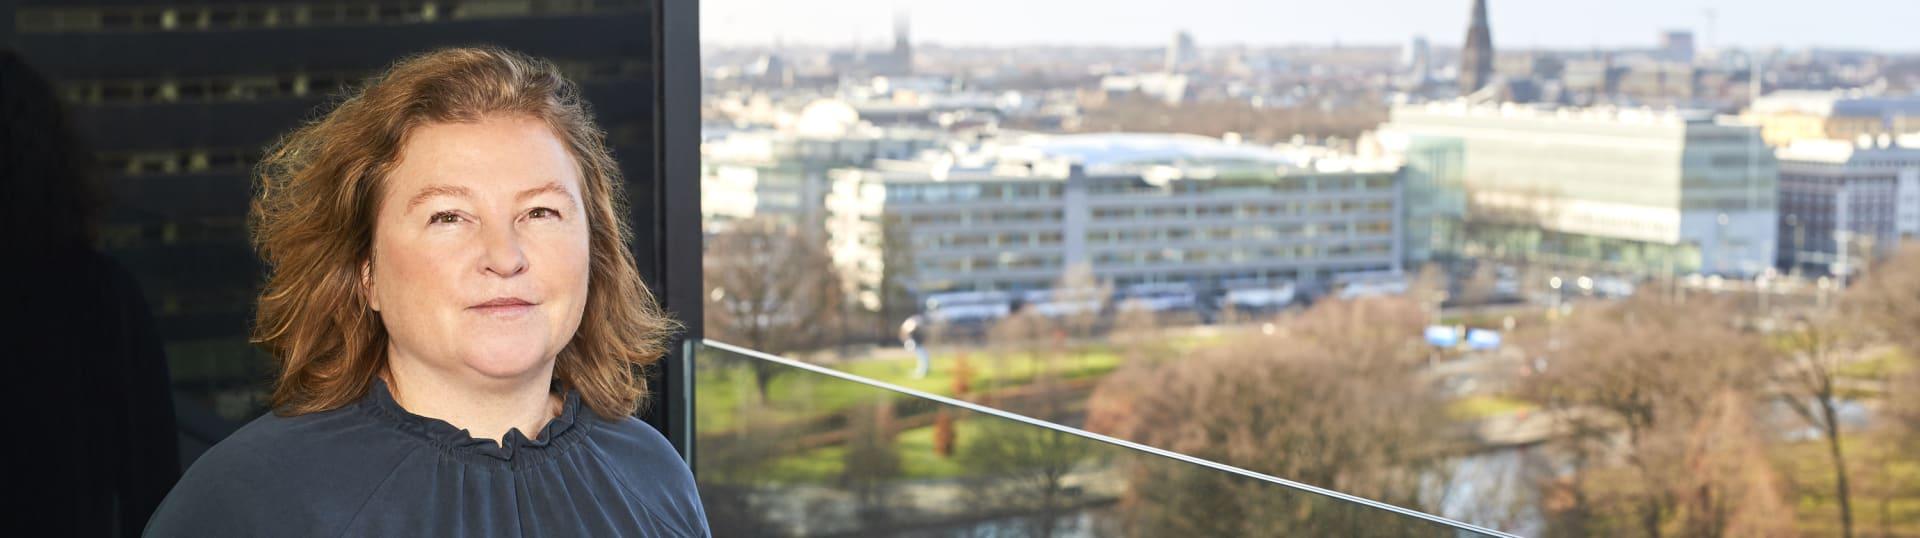 Ingrid Hasker PSL Pels Rijcken